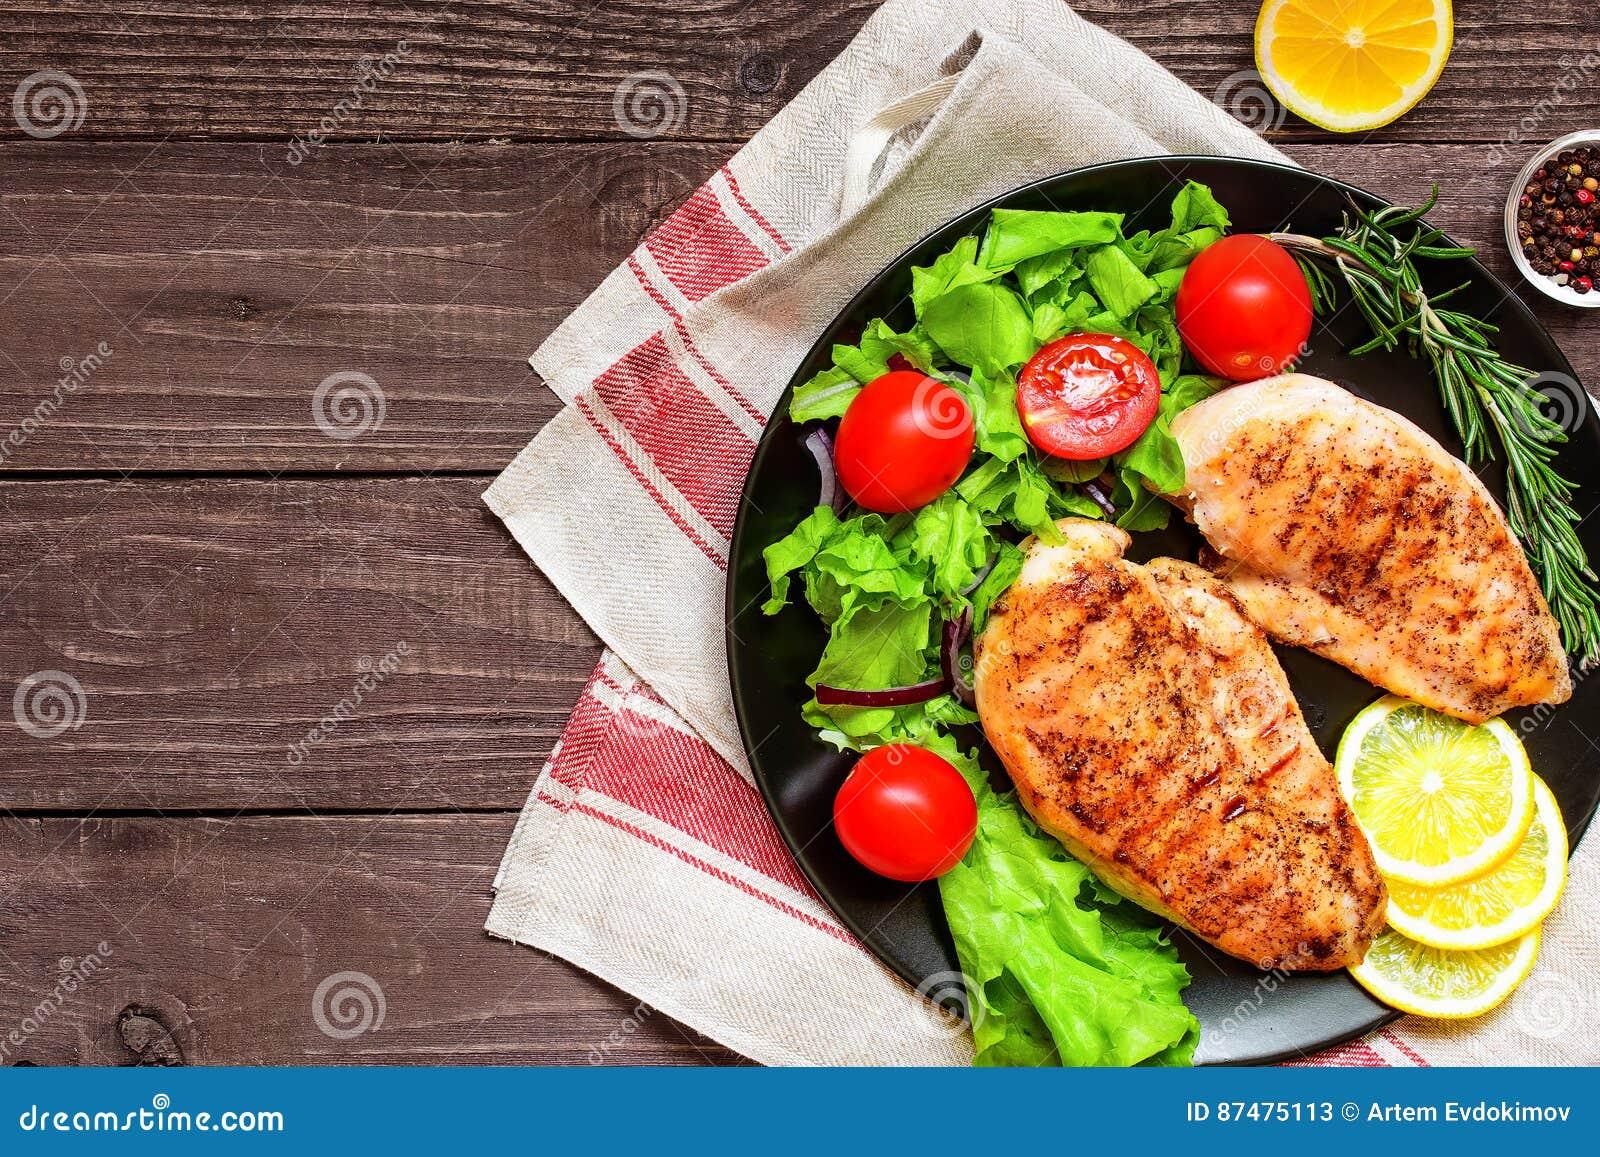 Зажаренное филе куриной грудки на плите